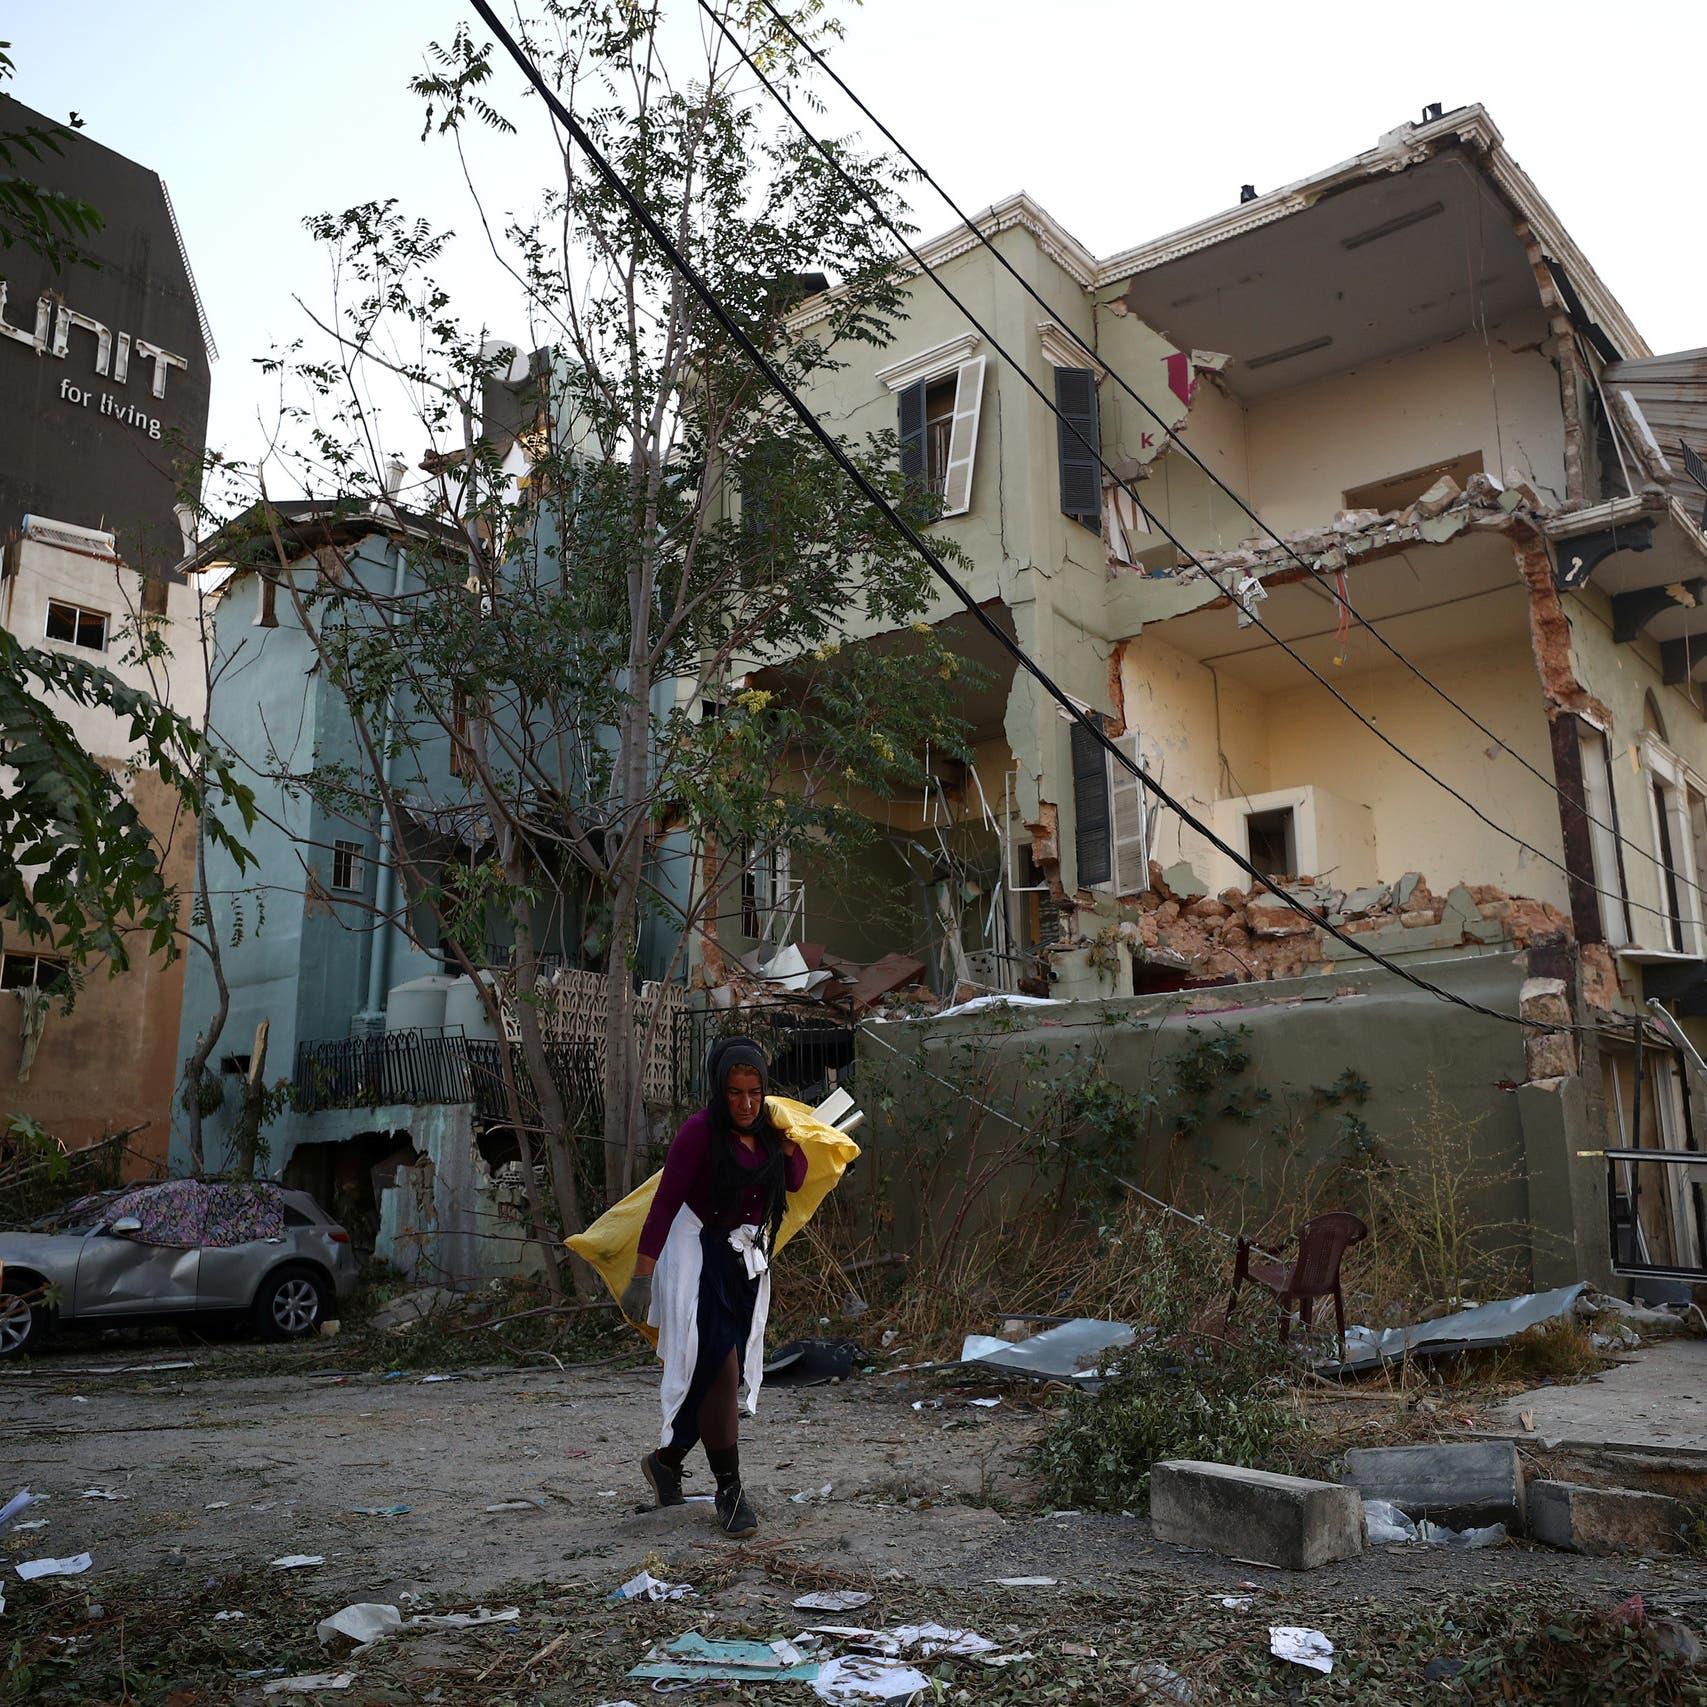 الأمم المتحدة: الوضع في بيروت مأساوي ومروع حقاً